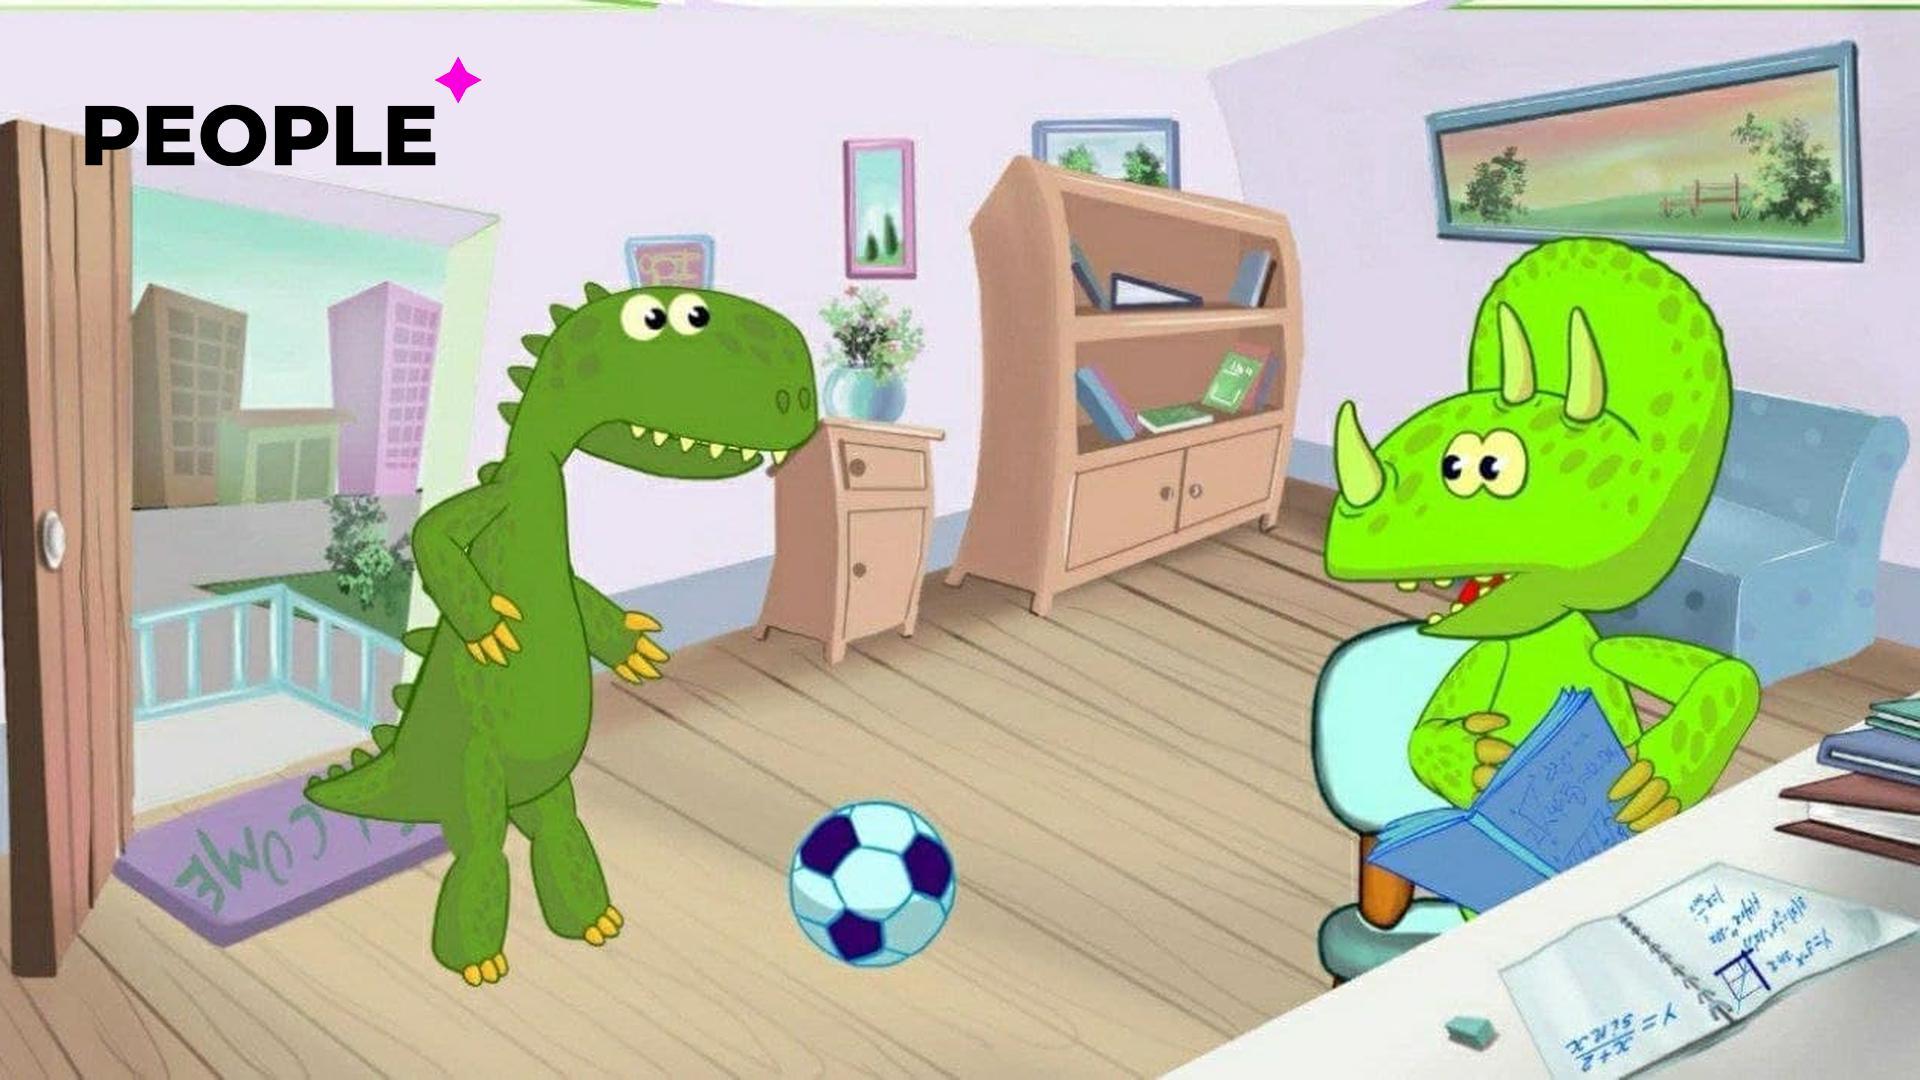 Агентство кинематографии представило первые фото мультфильма «Дино и Завр», который расскажет детям о коррупции